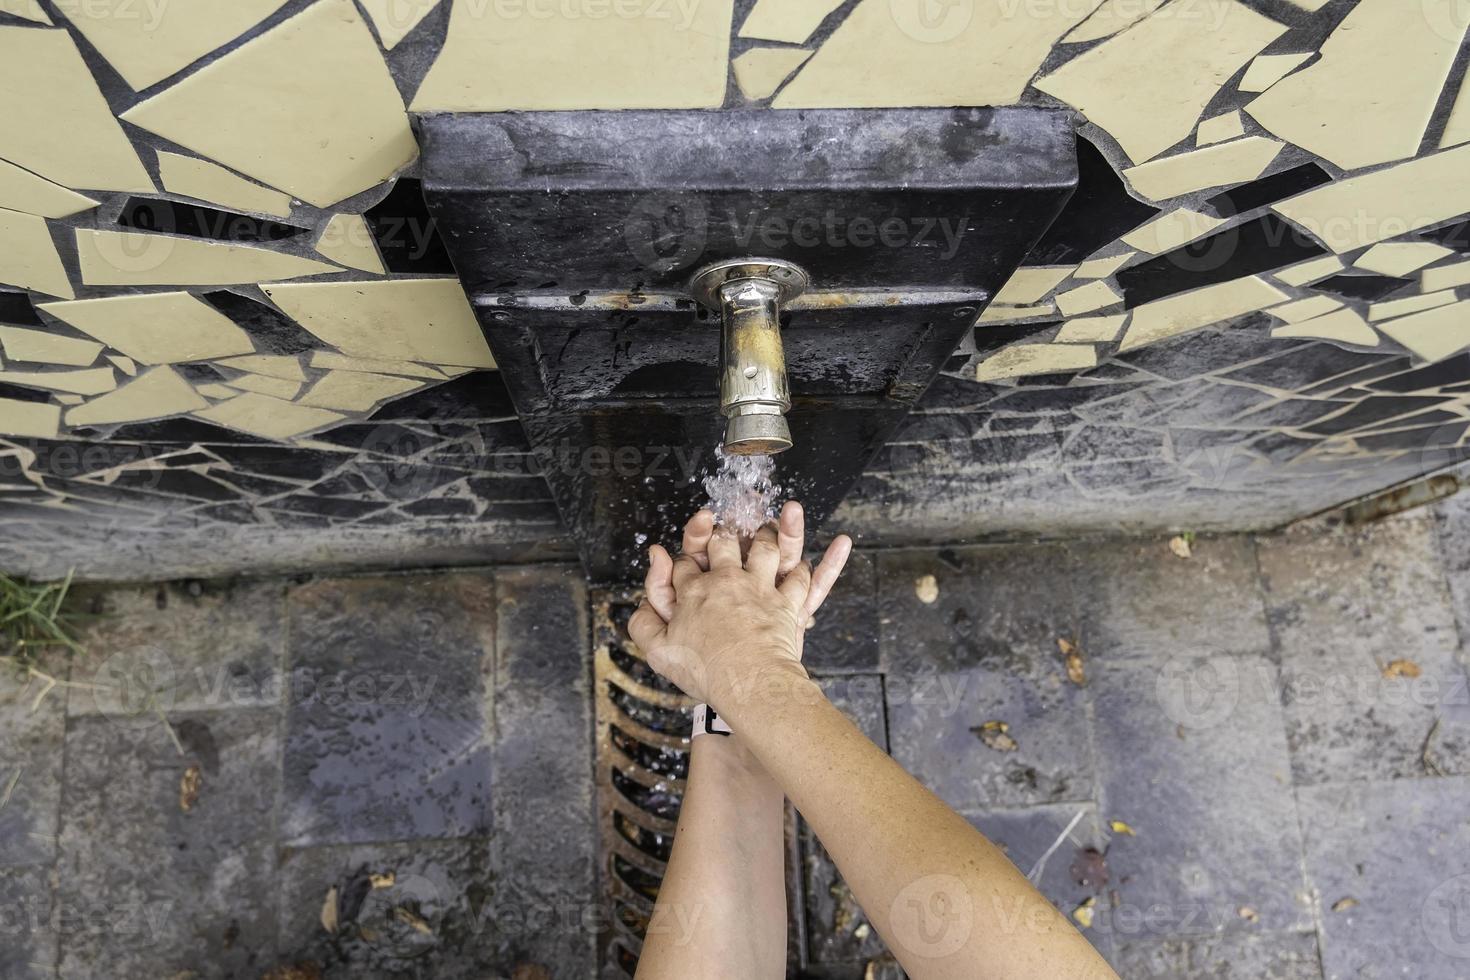 lavarsi le mani in una fontana foto